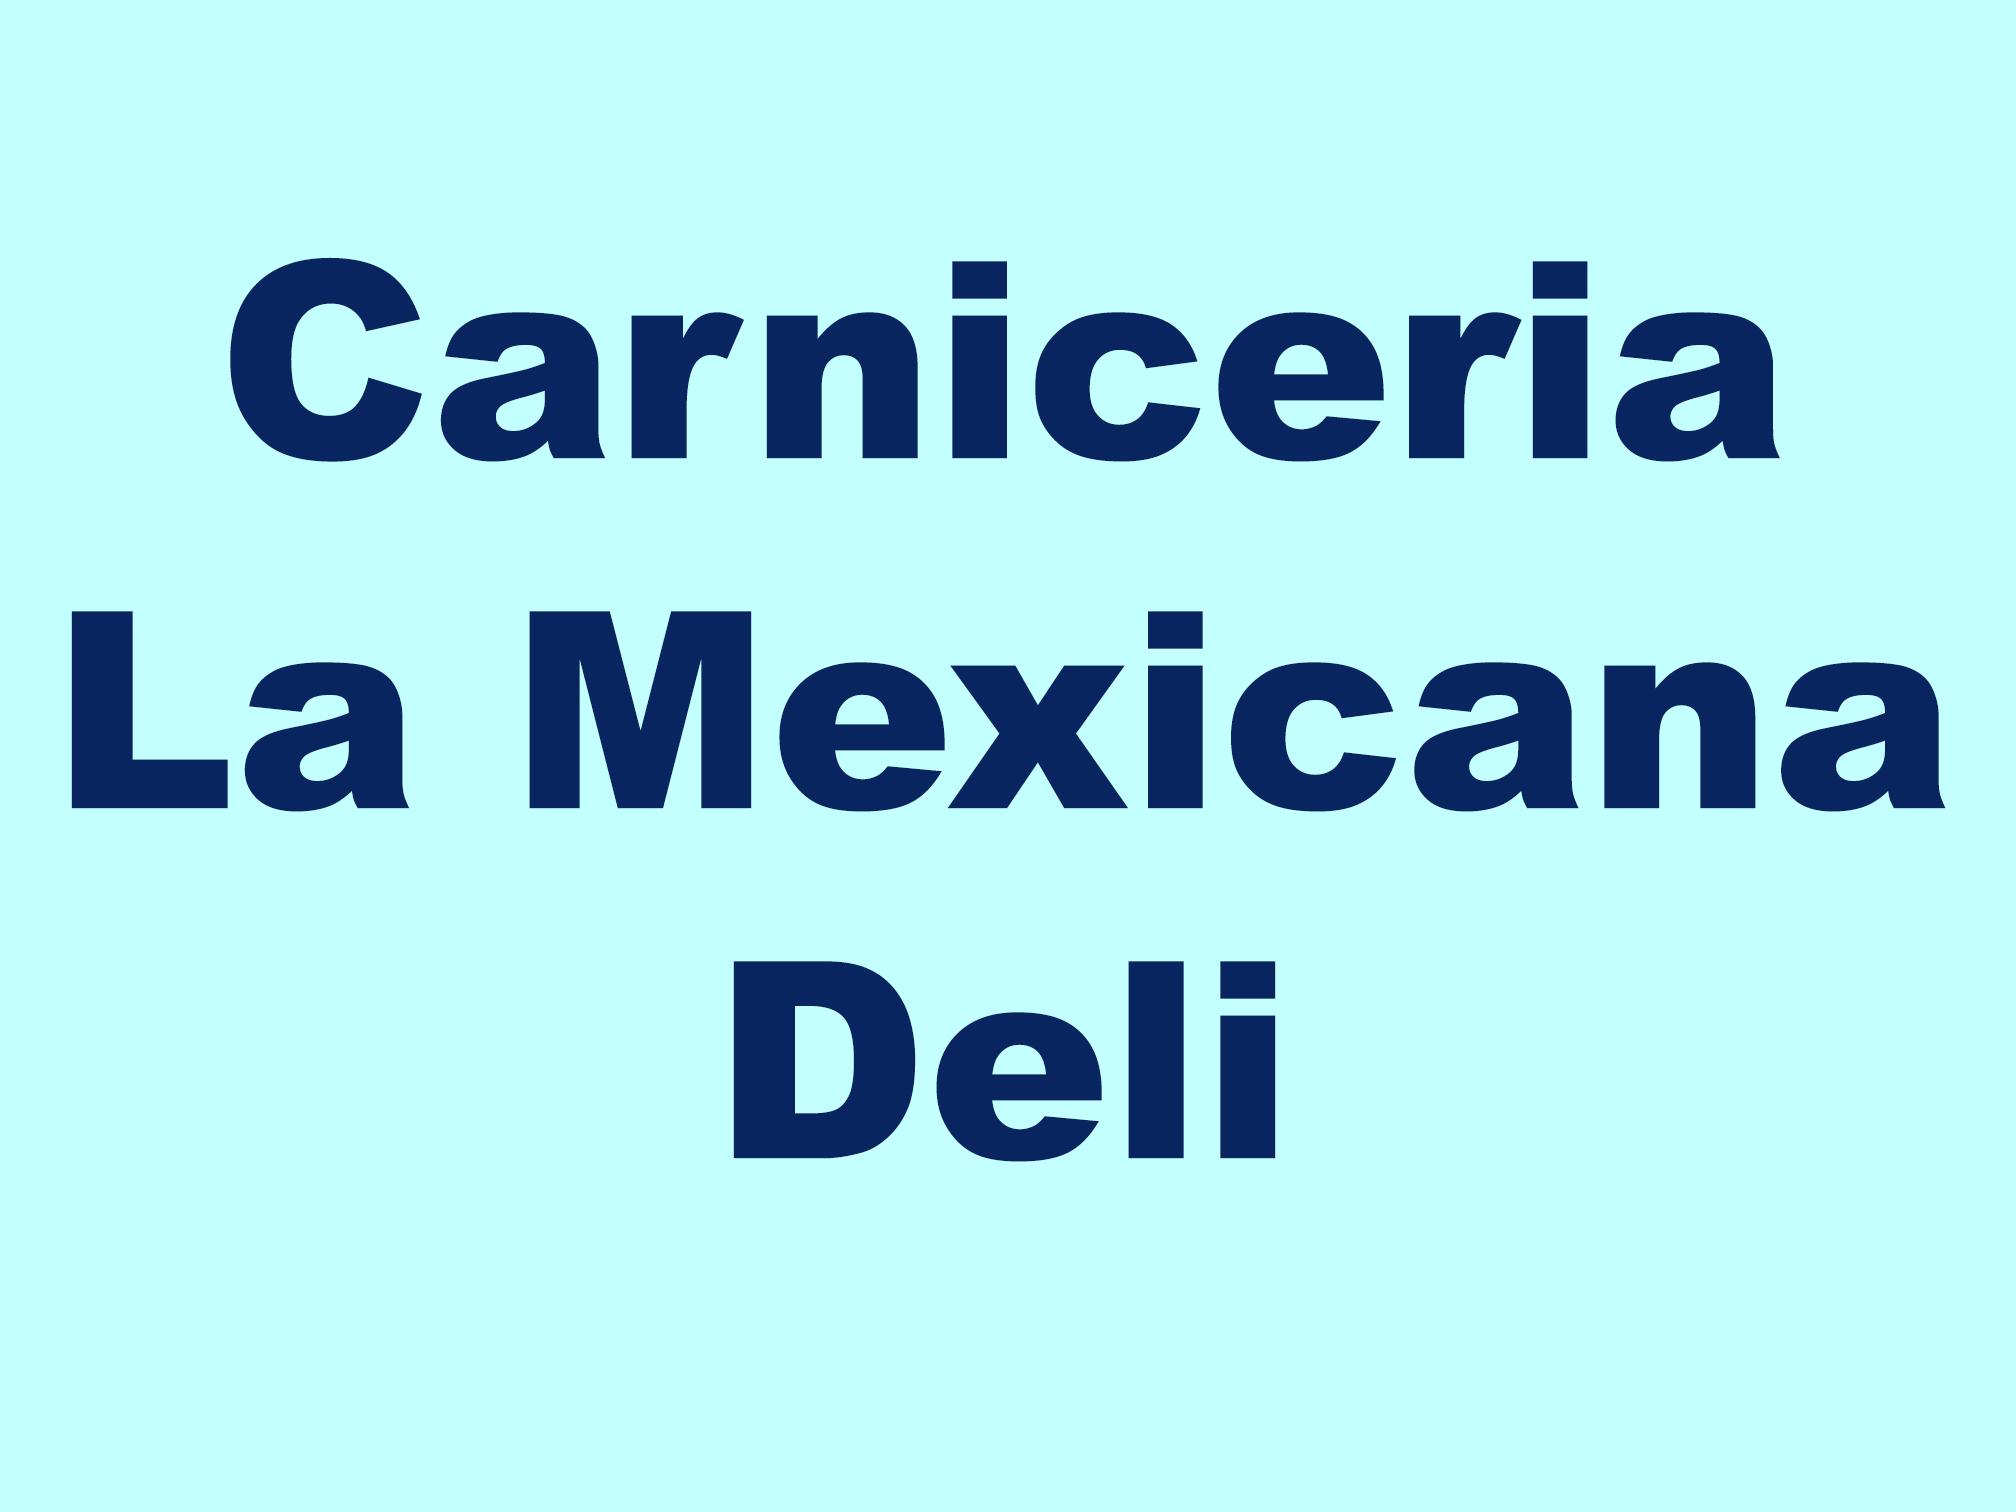 Carniceria La Mexicana Deli